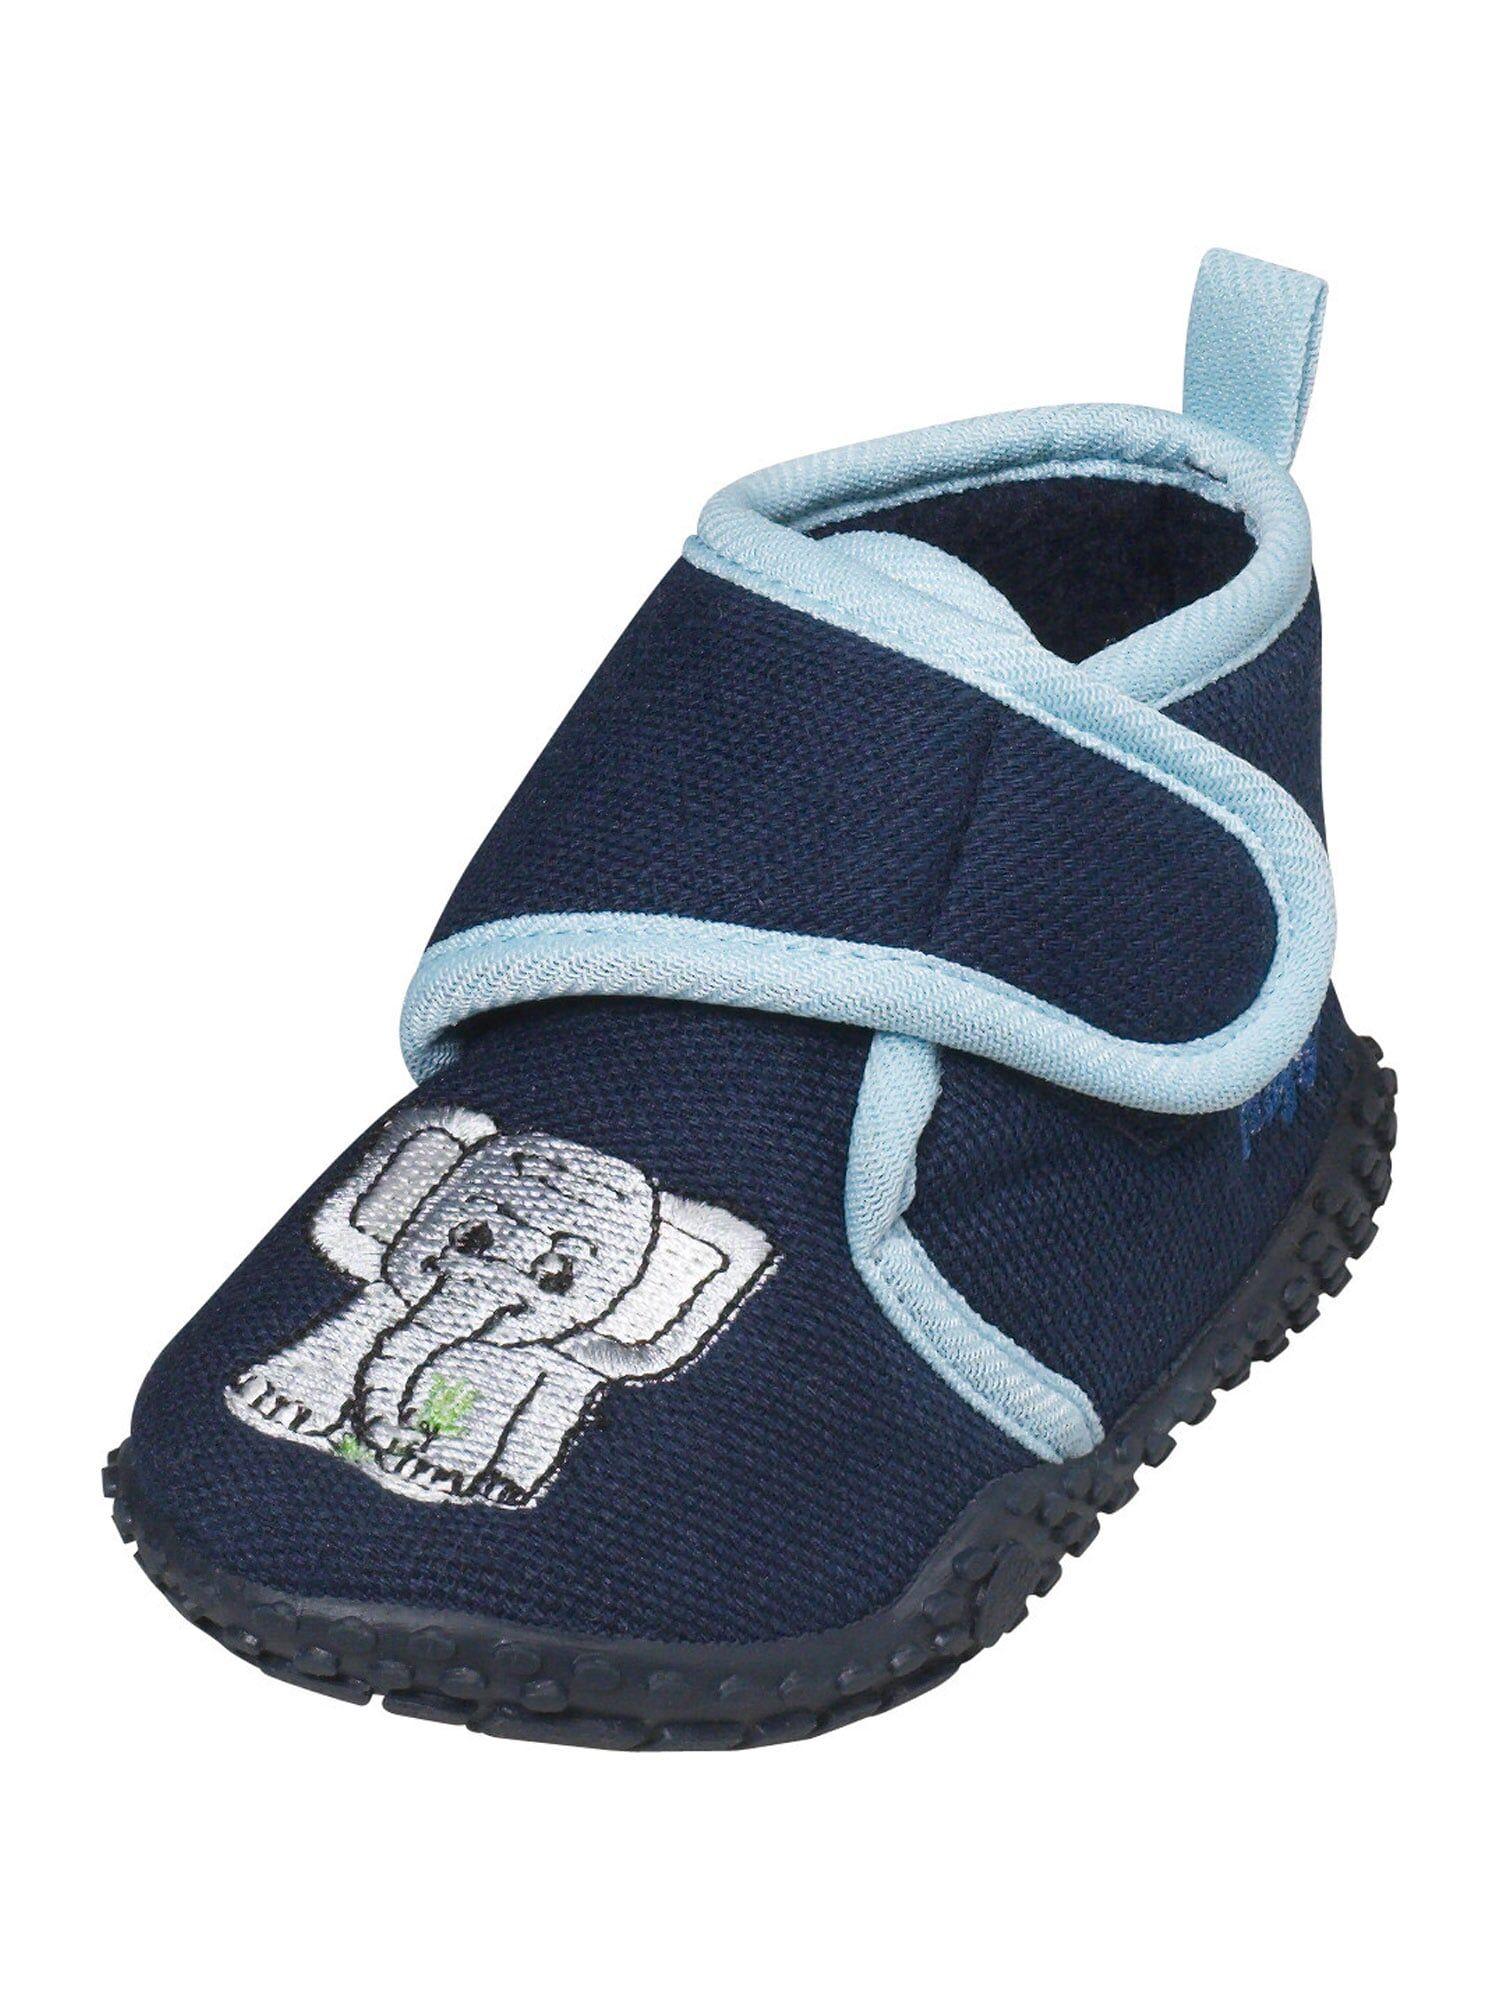 PLAYSHOES Pantoufle 'Elefant'  - Bleu - Taille: 30.5 - boy